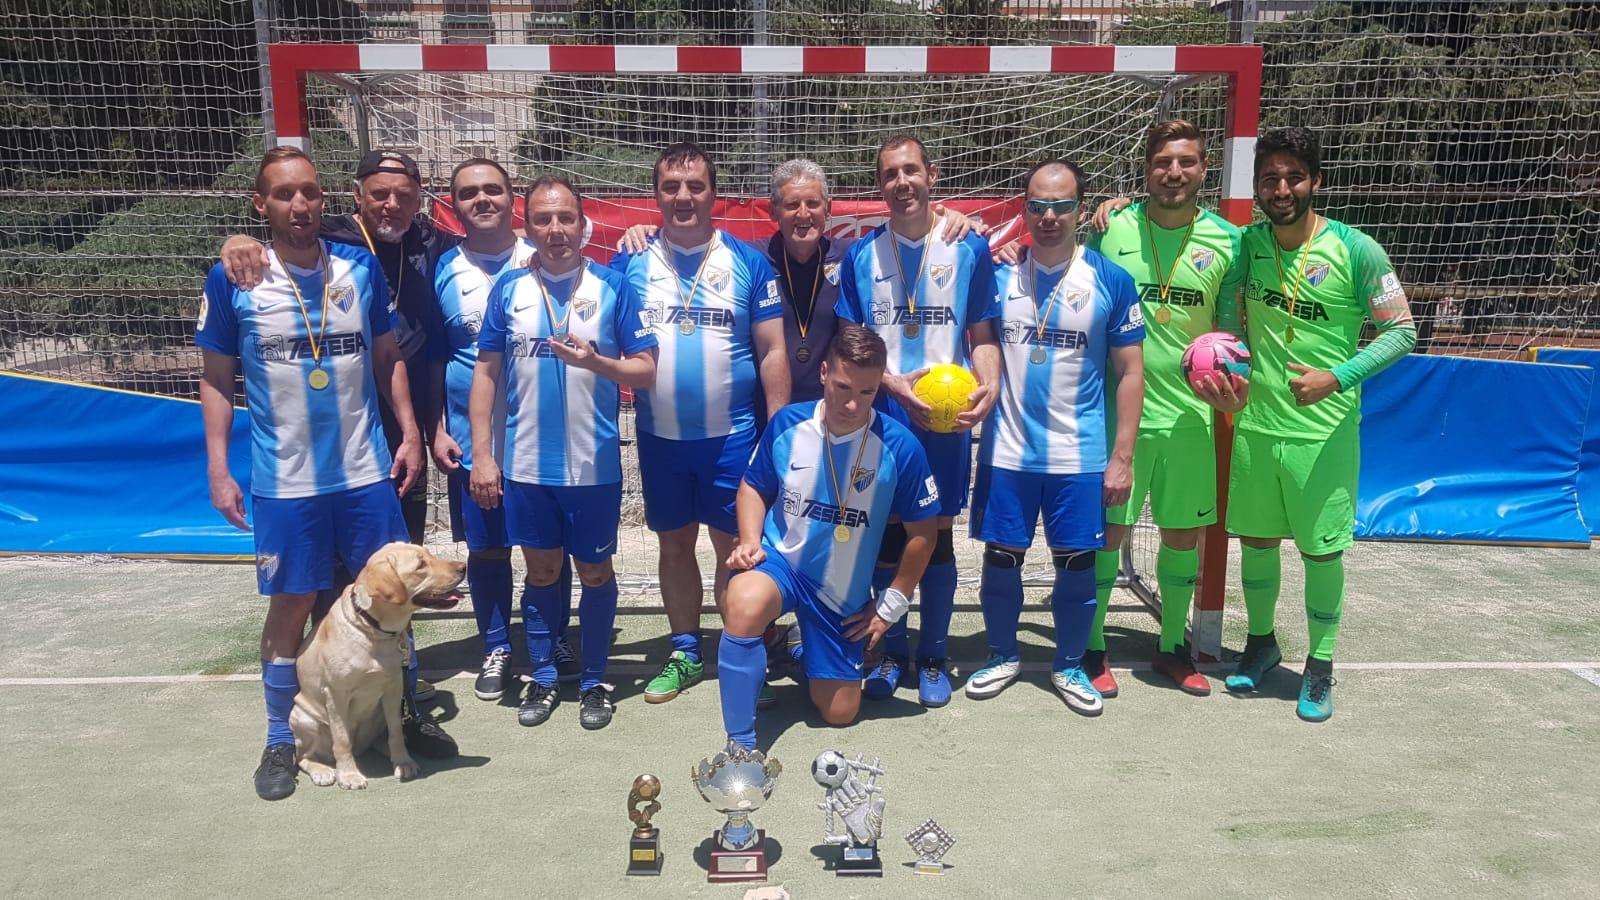 La plantilla del equipo B1 de Málaga, flamante campeón de España